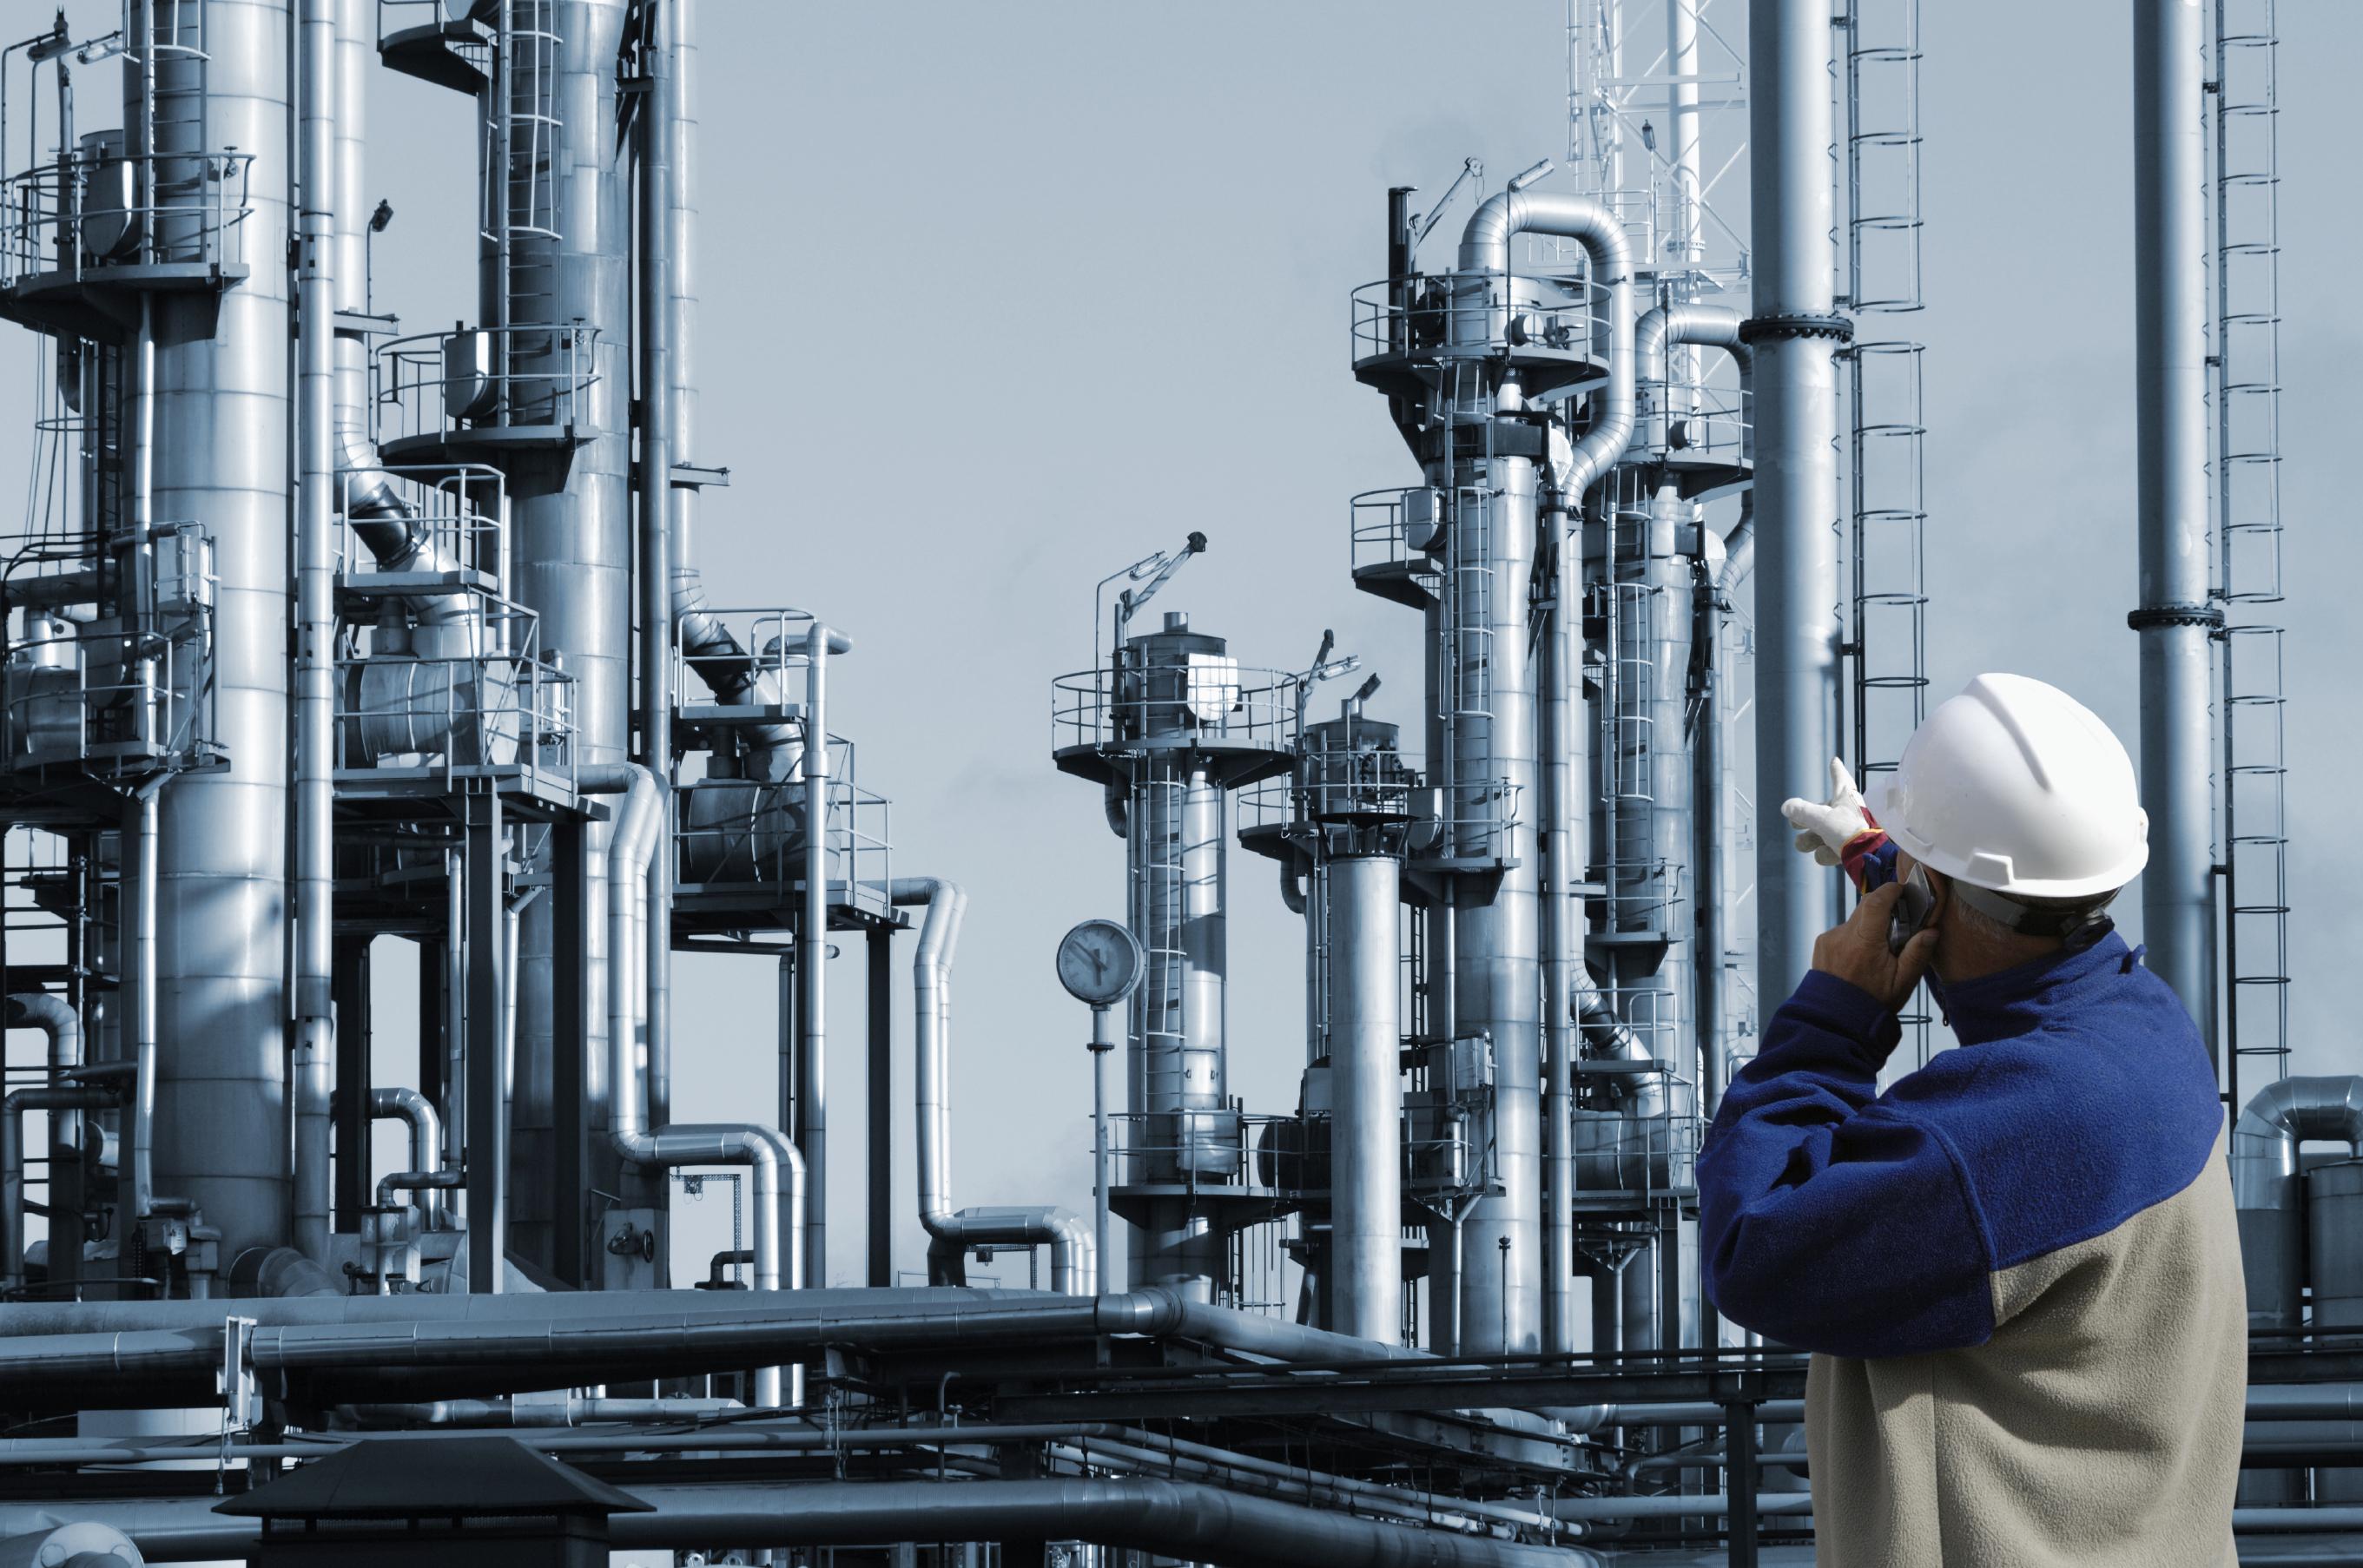 Promigás entregó informe anual del sector gas natural